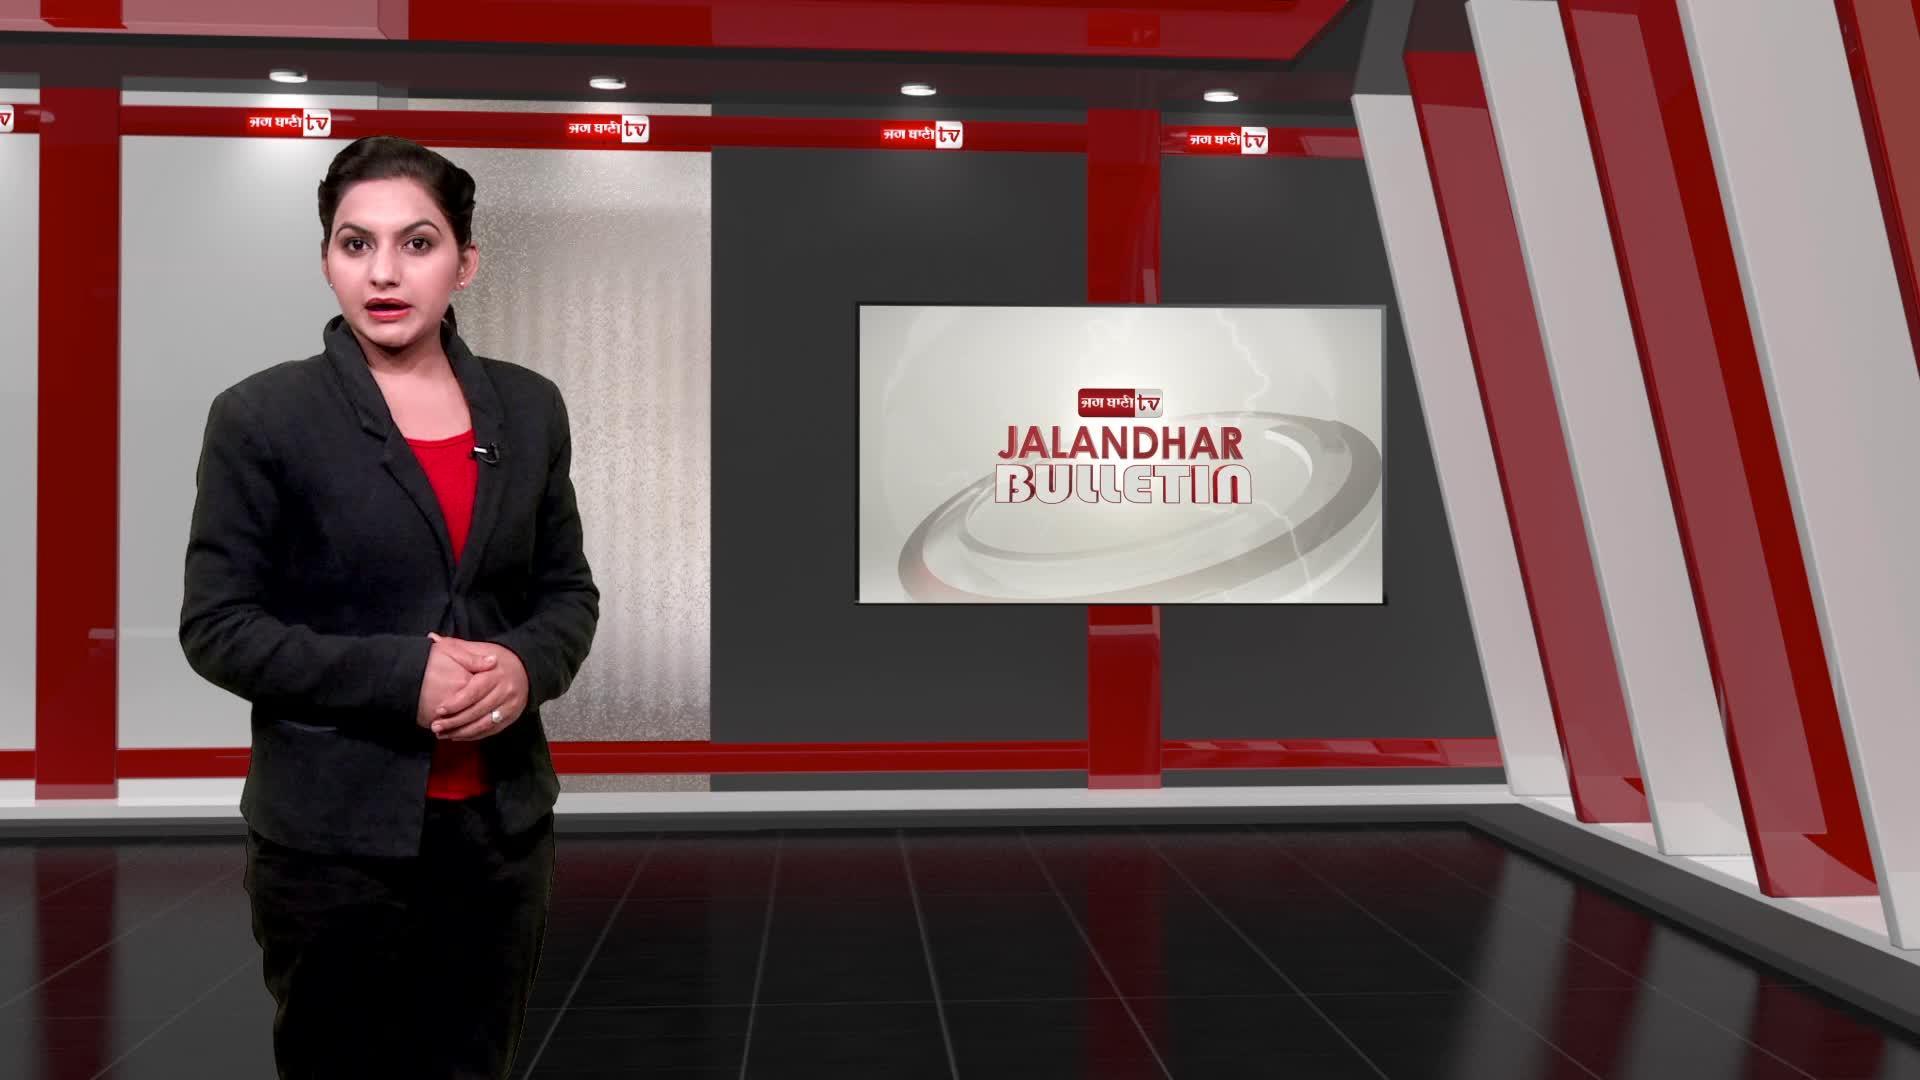 Image of Jalandhar Bulletin 25th Sep : ਕੇਜਰੀਵਾਲ ਦਾ ਜਲੰਧਰ 'ਚ ਕਾਲੀਆਂ ਪੱਟੀਆਂ ਬੰਨ੍ਹ ਕੇ ਵਿਰੋਧ